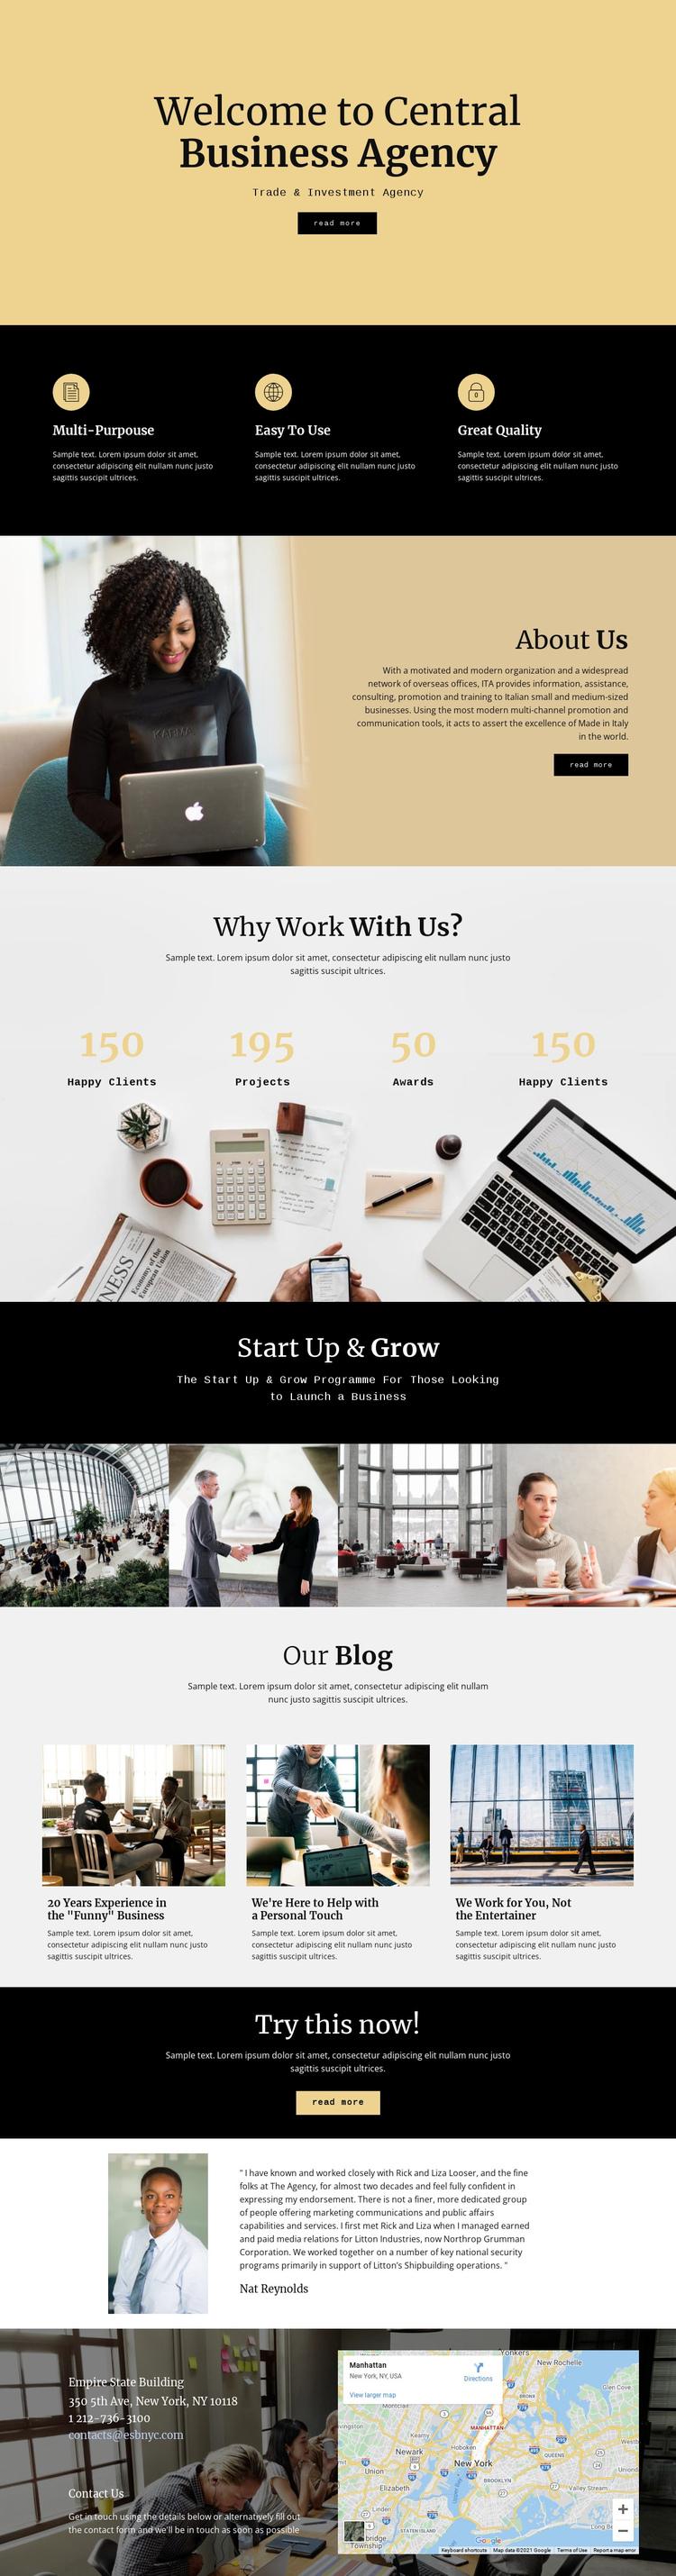 Central digital agency Website Builder Software